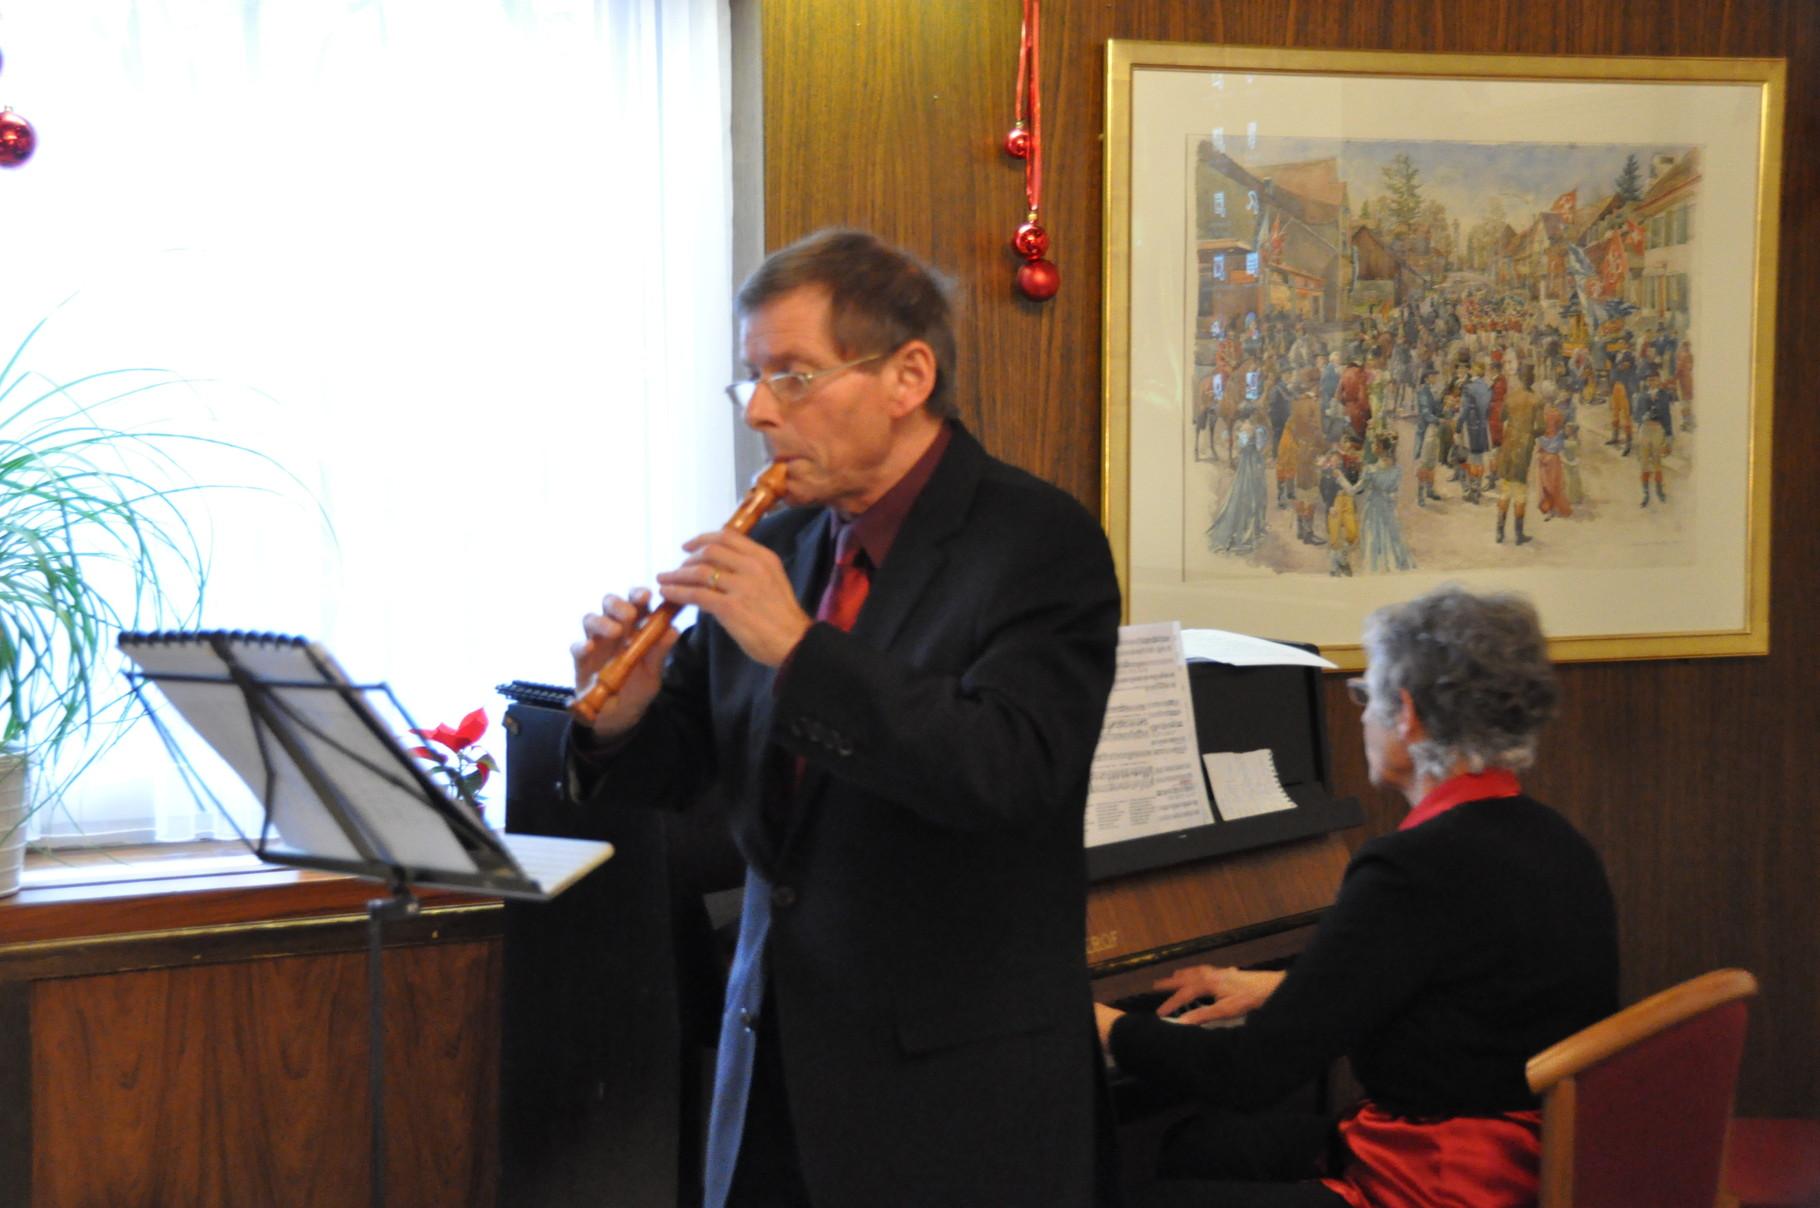 Weihnachtsfeier 2014, musikalische Umrahmung mit Anna und Erwin Nold-Strebel